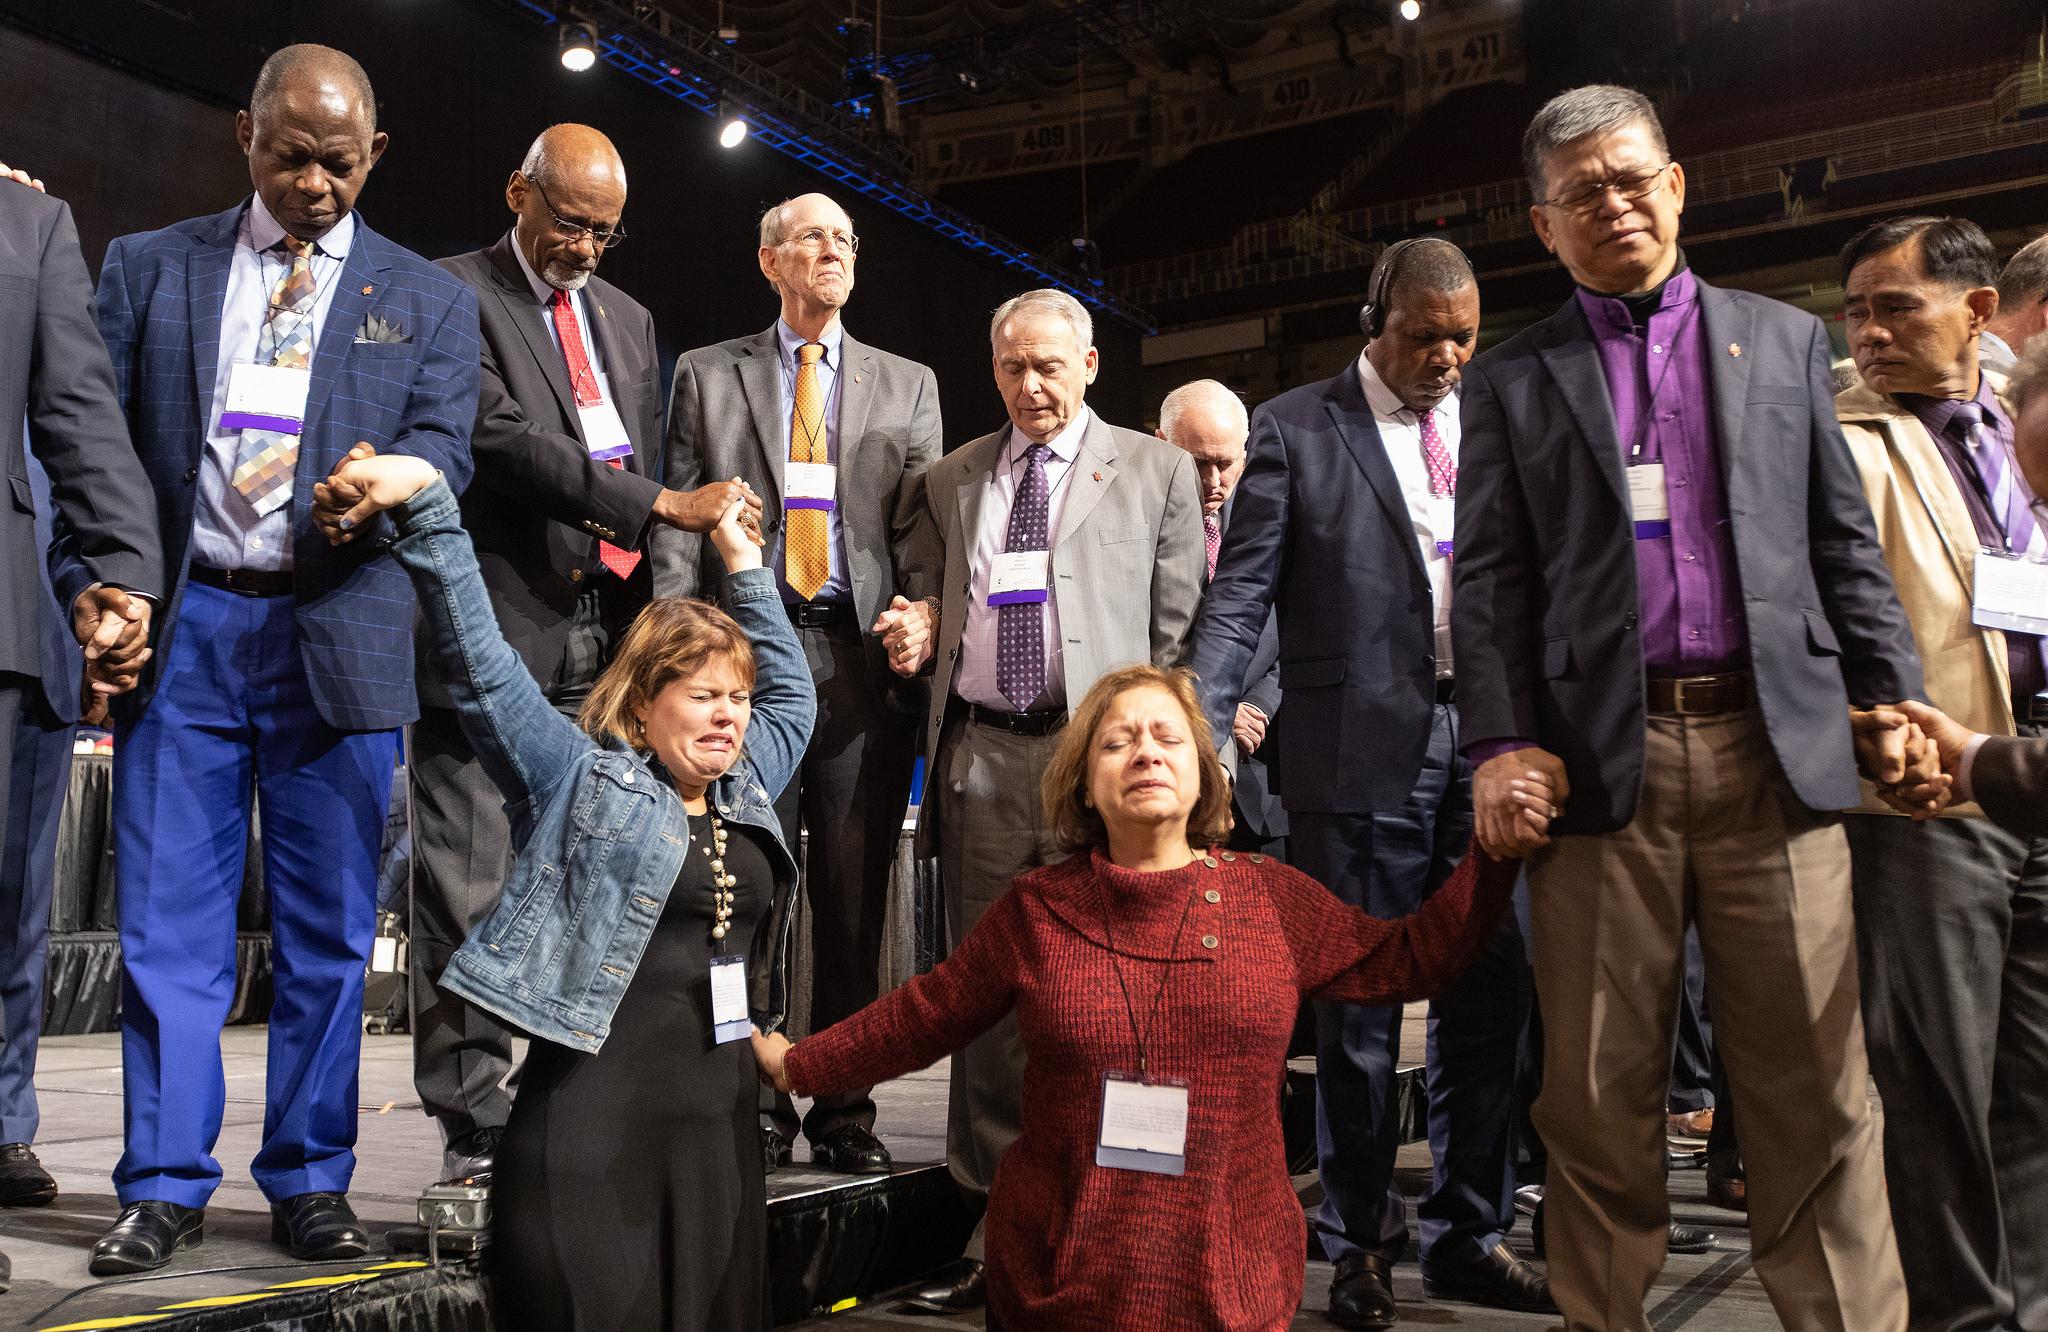 Les délégués de Floride, Rachael Sumner (à gauche) et la révérende Jacqueline Leveron (à droite) de la Conférence de Floride se tiennent les mains pour prier avec les évêques et d'autres délégués présents sur le podium avant un vote important sur la politique de l'Eglise en matière d'homosexualité à la Conférence Générale 2019 de l'Église Méthodiste Unie à St. Louis. Photo de Mike DuBose, UMNS.